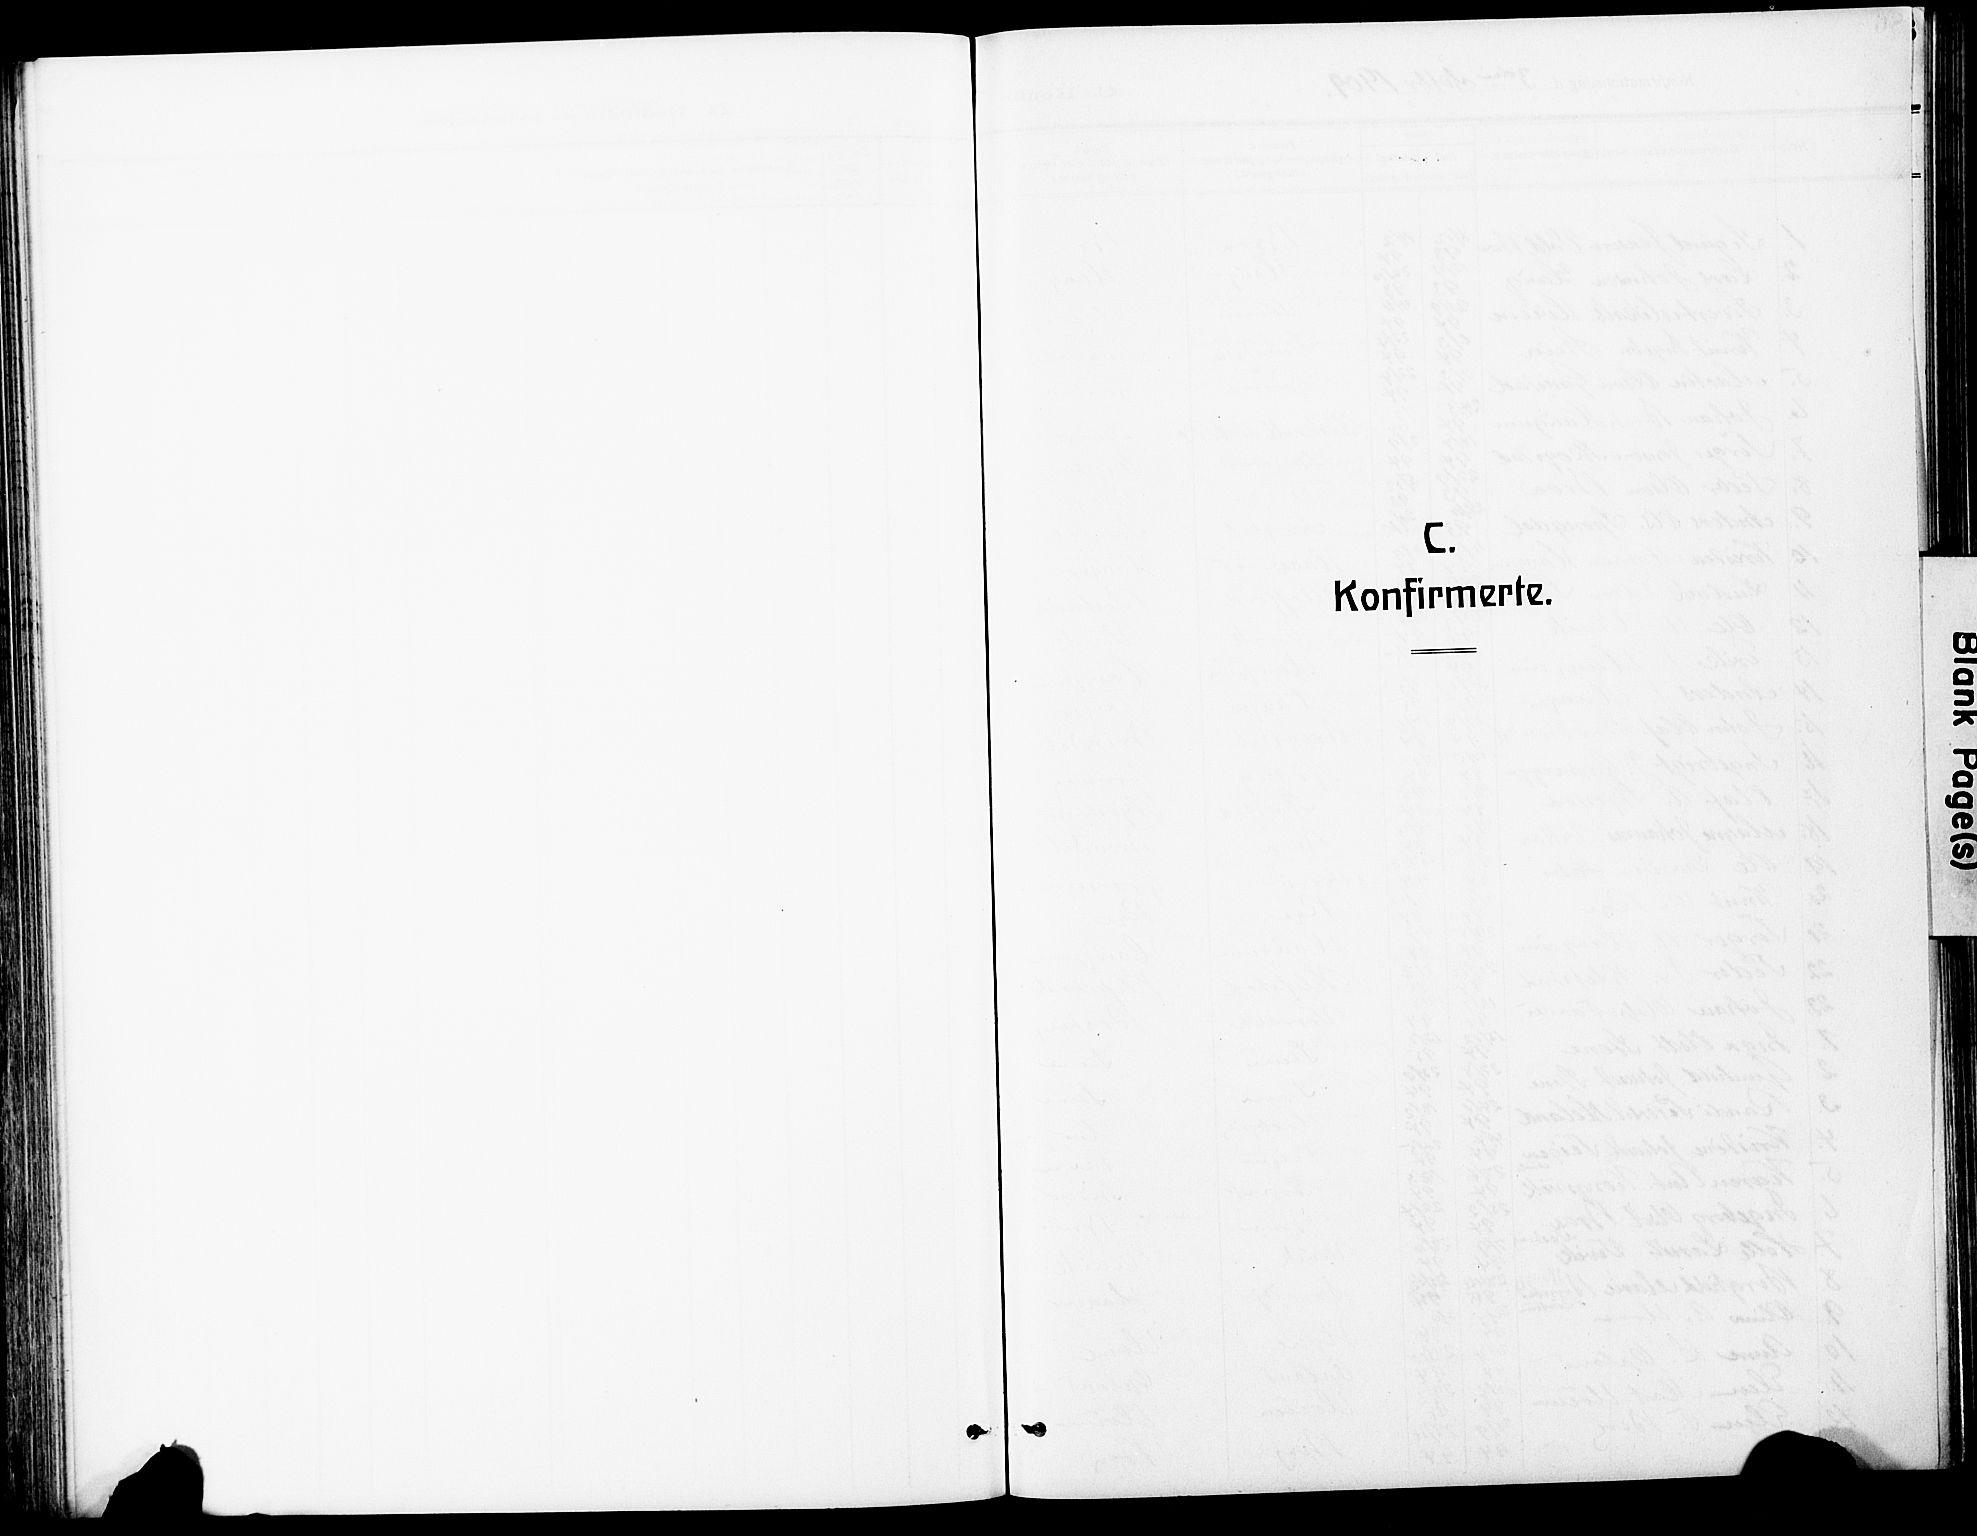 SAT, Ministerialprotokoller, klokkerbøker og fødselsregistre - Sør-Trøndelag, 612/L0388: Klokkerbok nr. 612C04, 1909-1929